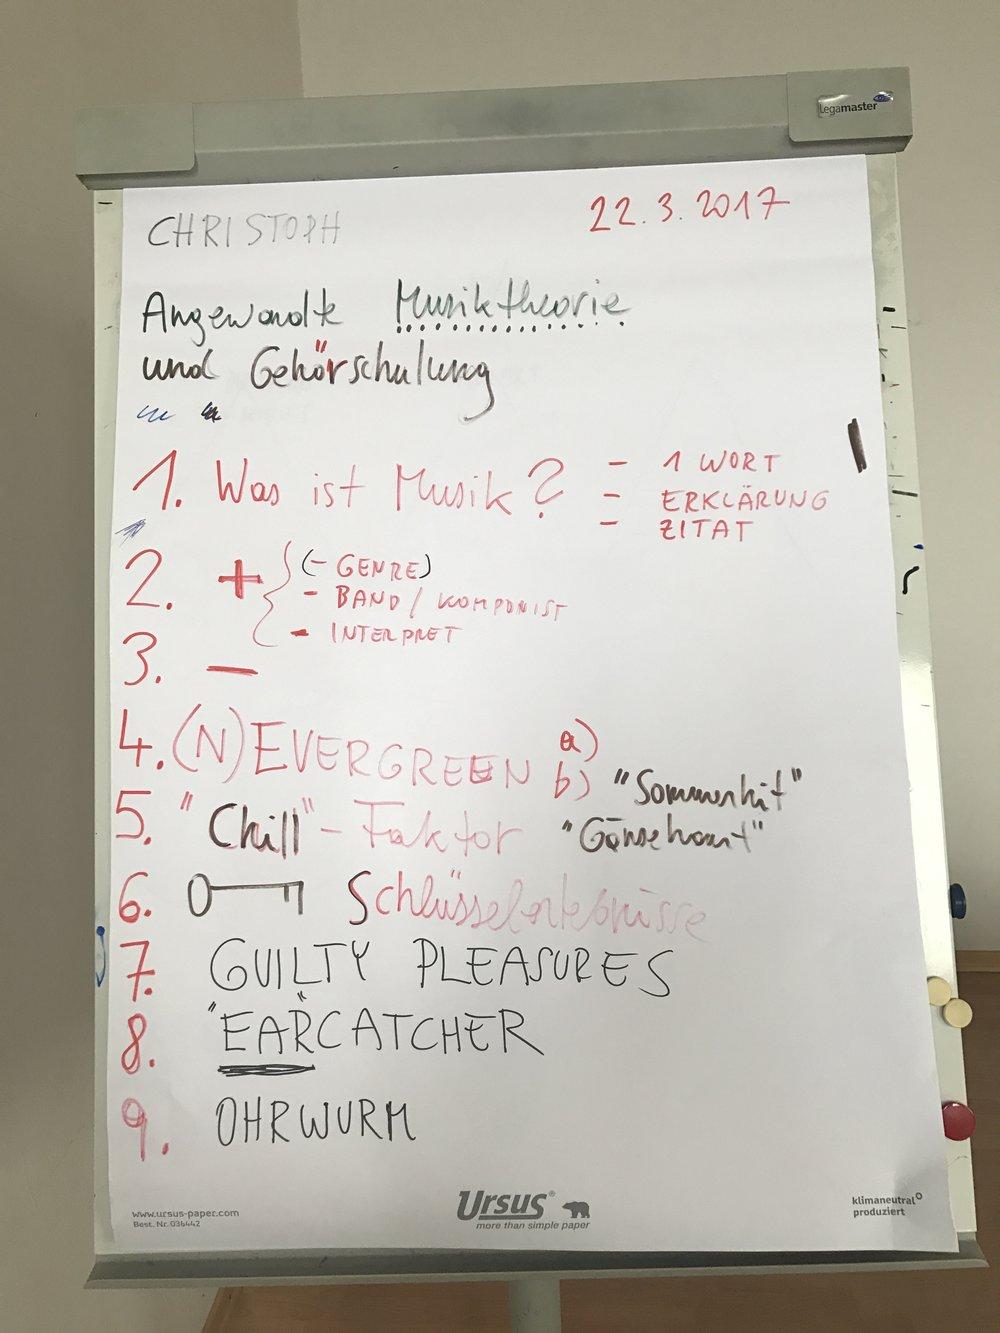 die_suche_nach_ordnung_in_der_musik_-_christoph-gruber-flipchart_01.JPG